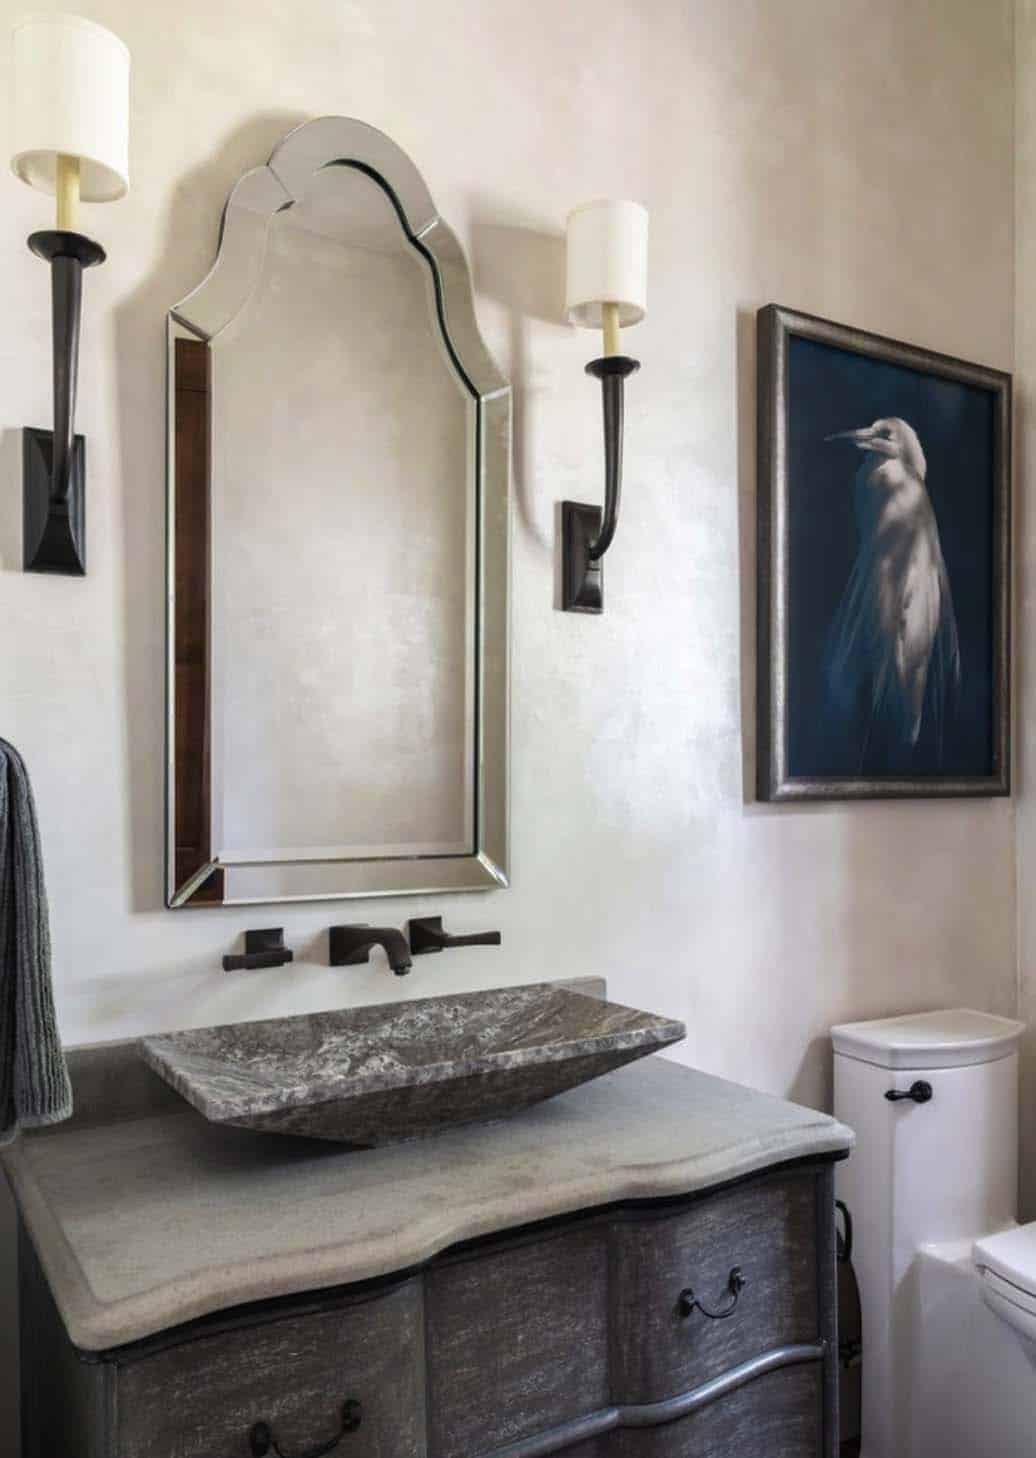 salle de bain au sommet d'une colline